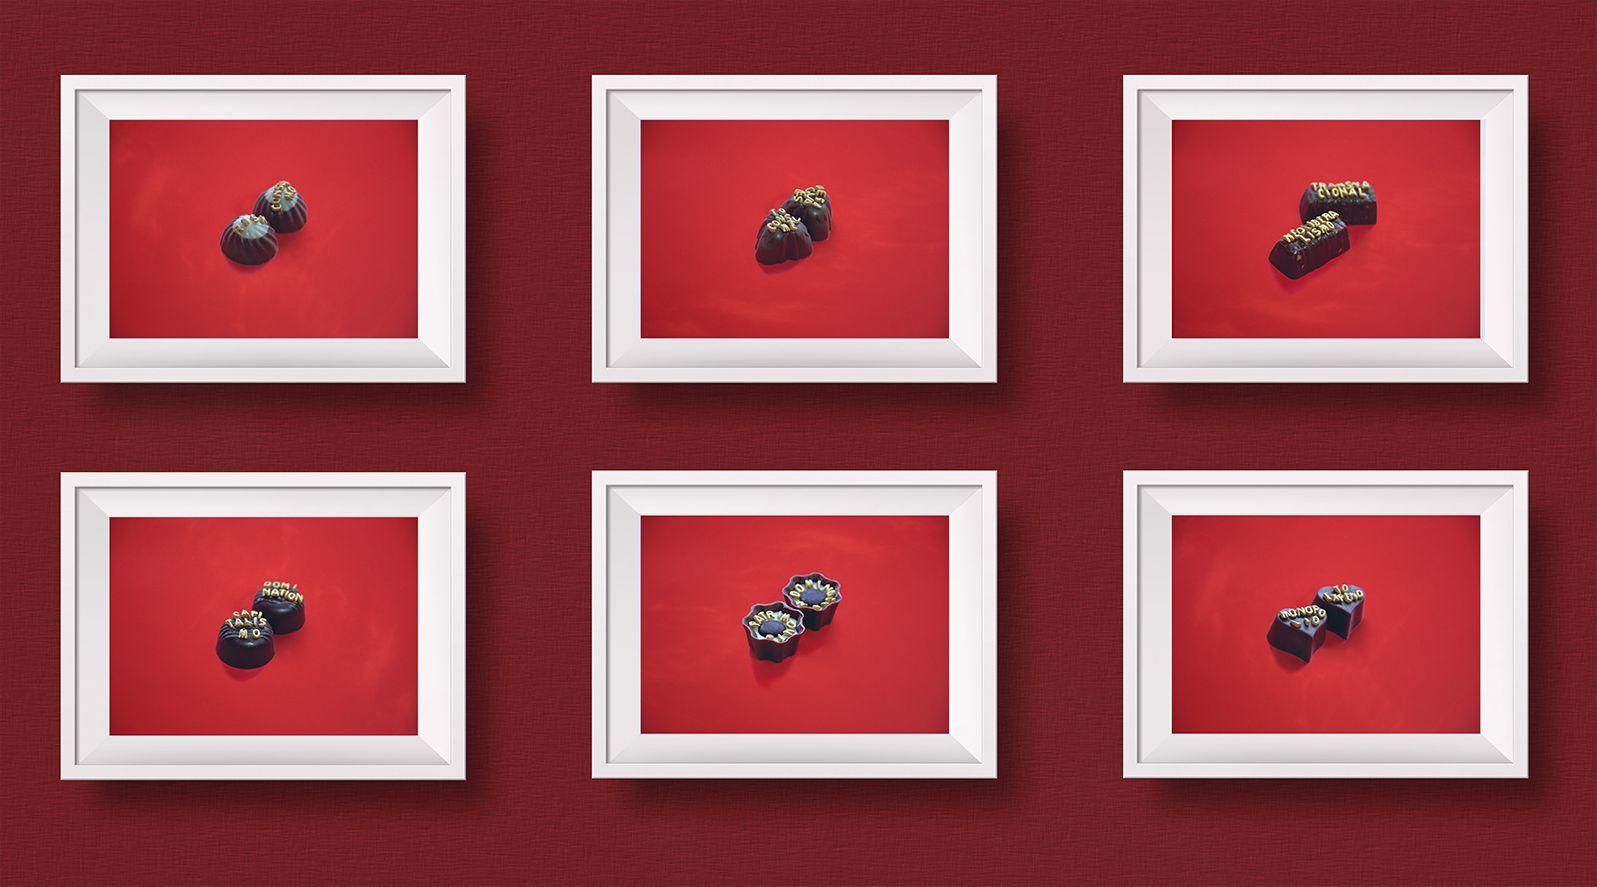 BARGAINS. Obra de los artistas plasticos Yeny Casanueva Garcia y Alejandro Gonzalez Diaz